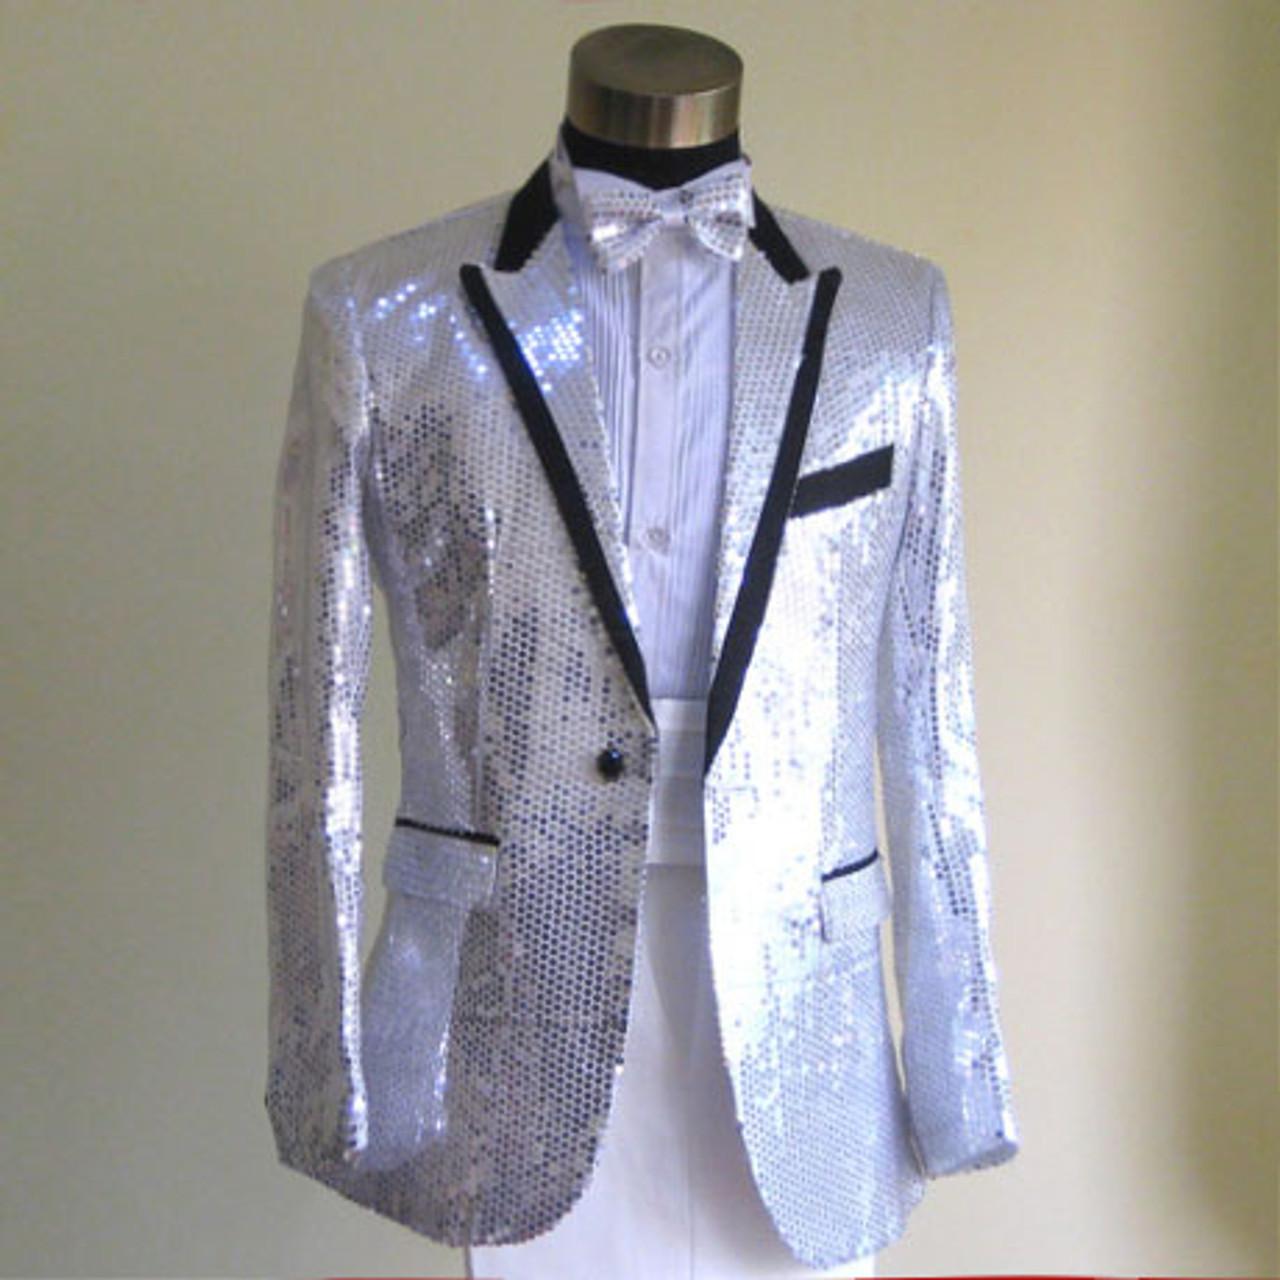 ... Sequins Prom Dresses Suits Plus Size S- 4XL Paillette Male Master Stage  Costumes Men top ... 4e739e7dd453